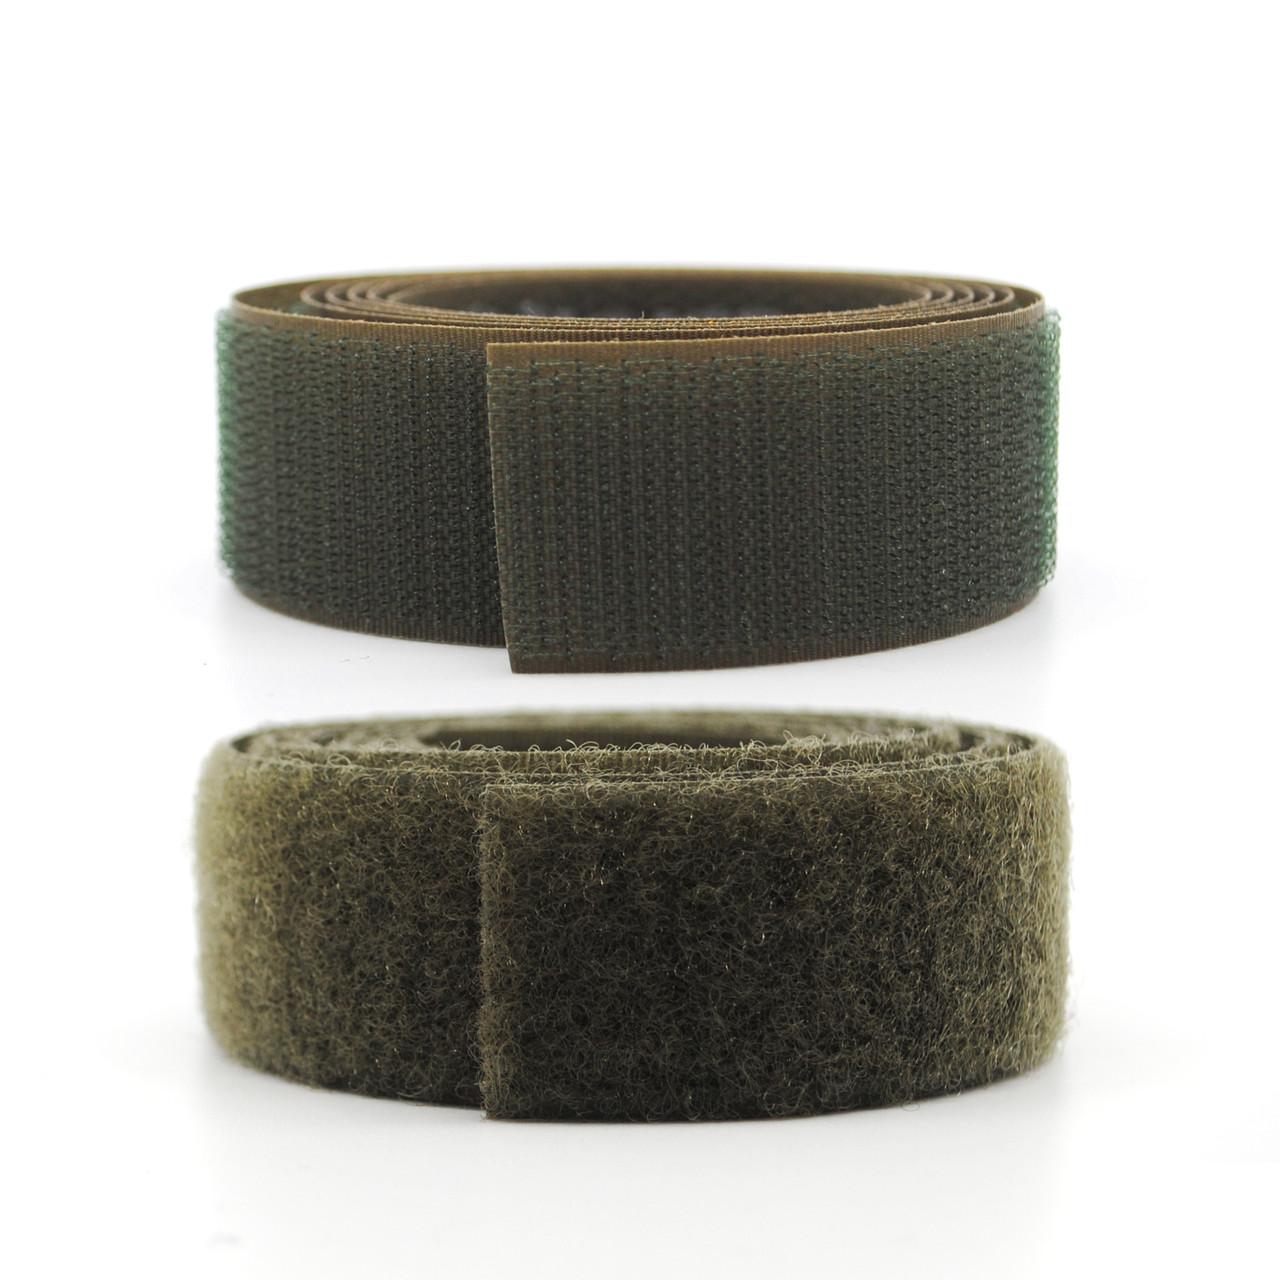 VELCRO® Brand Nylon Sew-On Tape - Mil Spec - Ranger Green 617 Hook and Loop / Velcro Fasteners